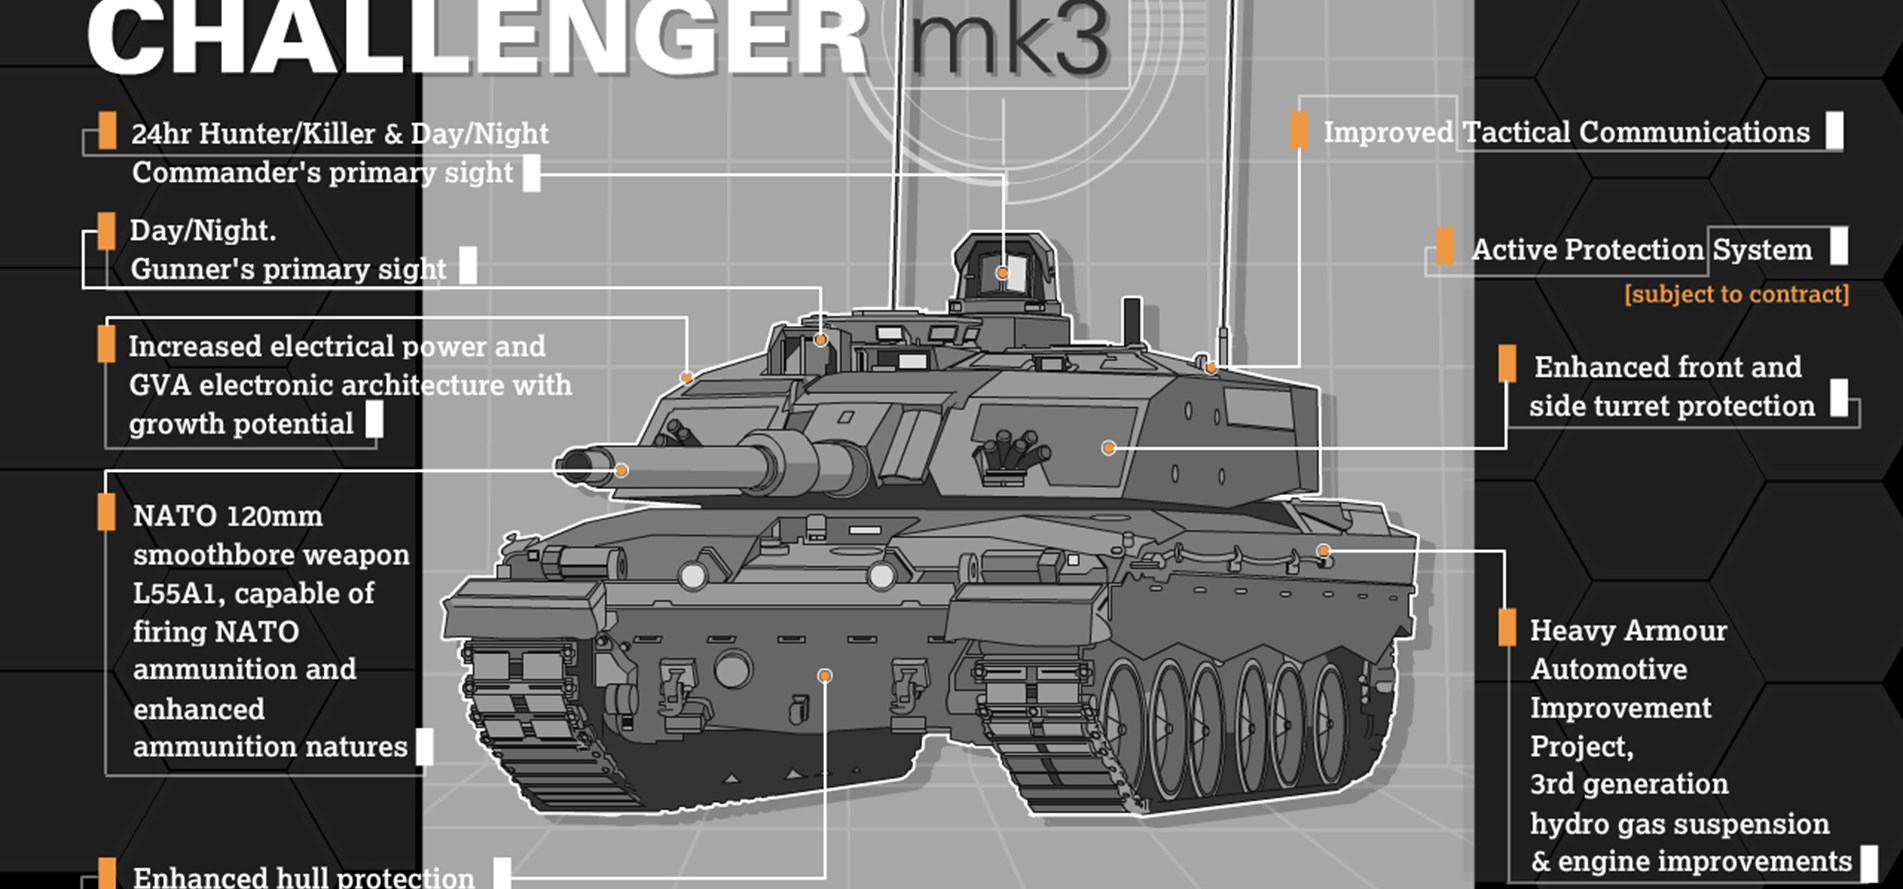 Challenger mk3